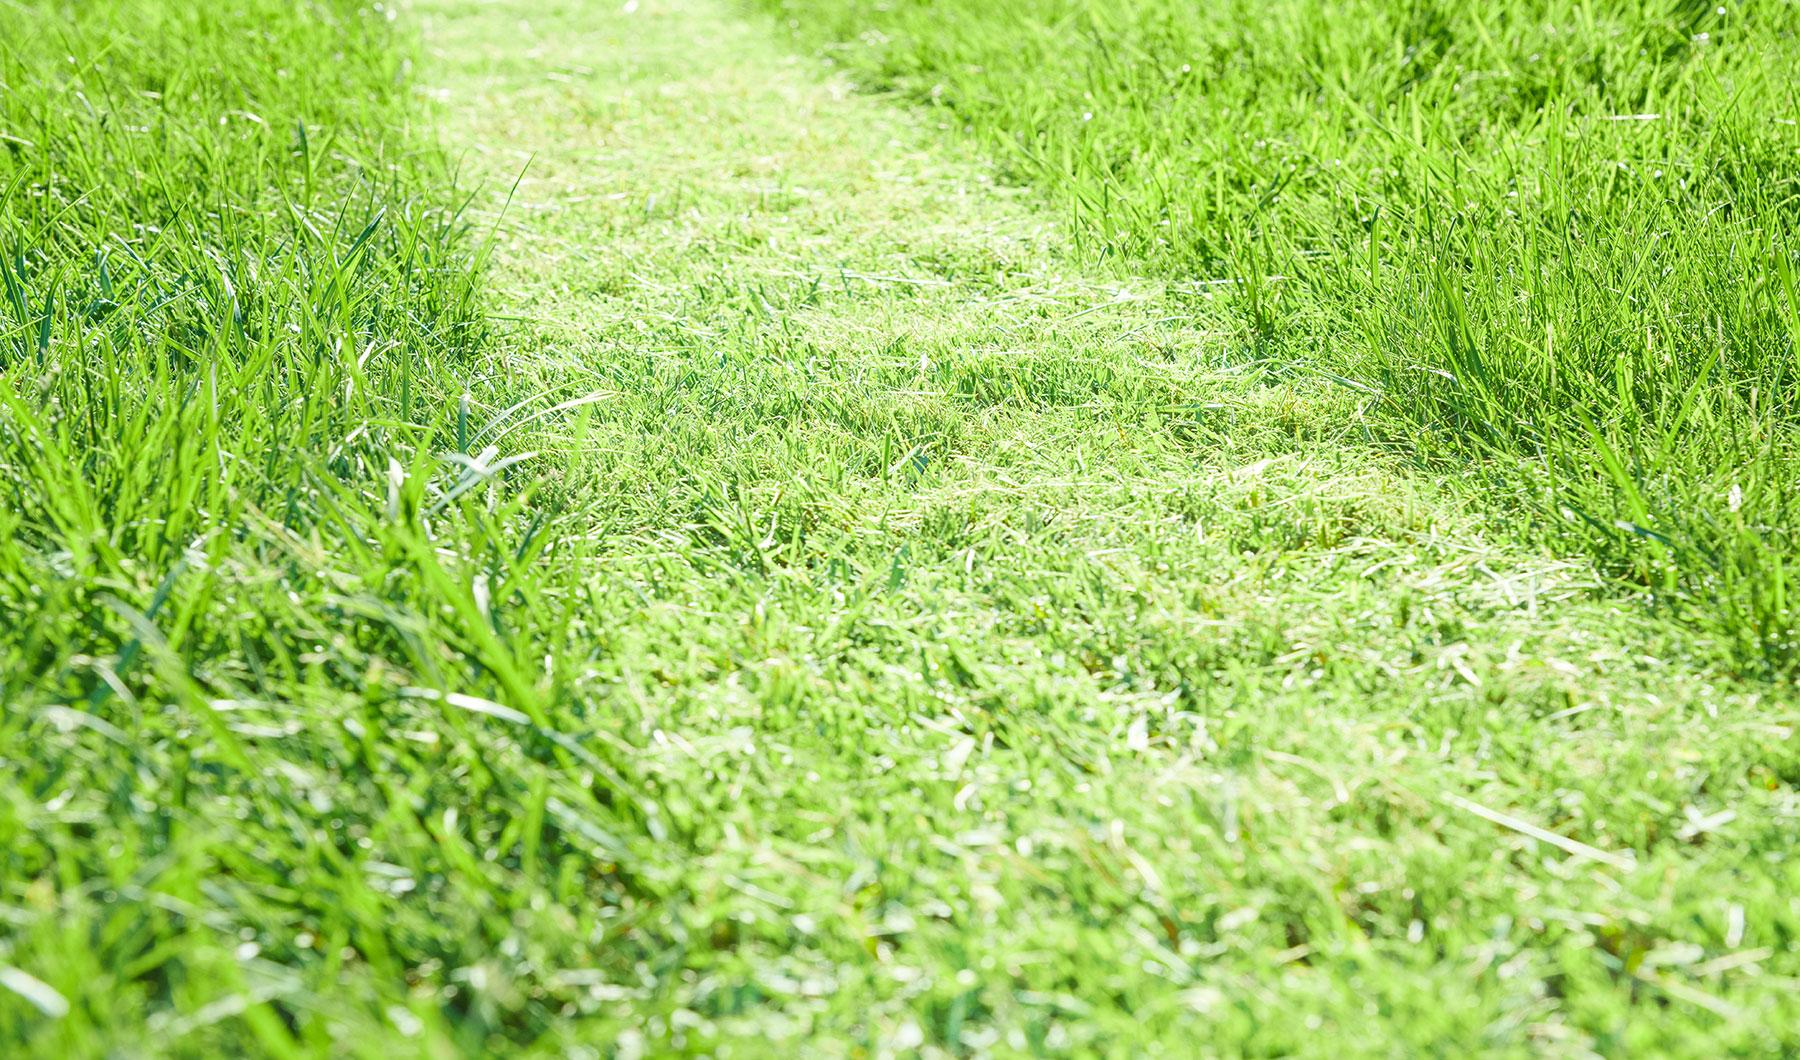 Tipps für einen gesunden Rasen